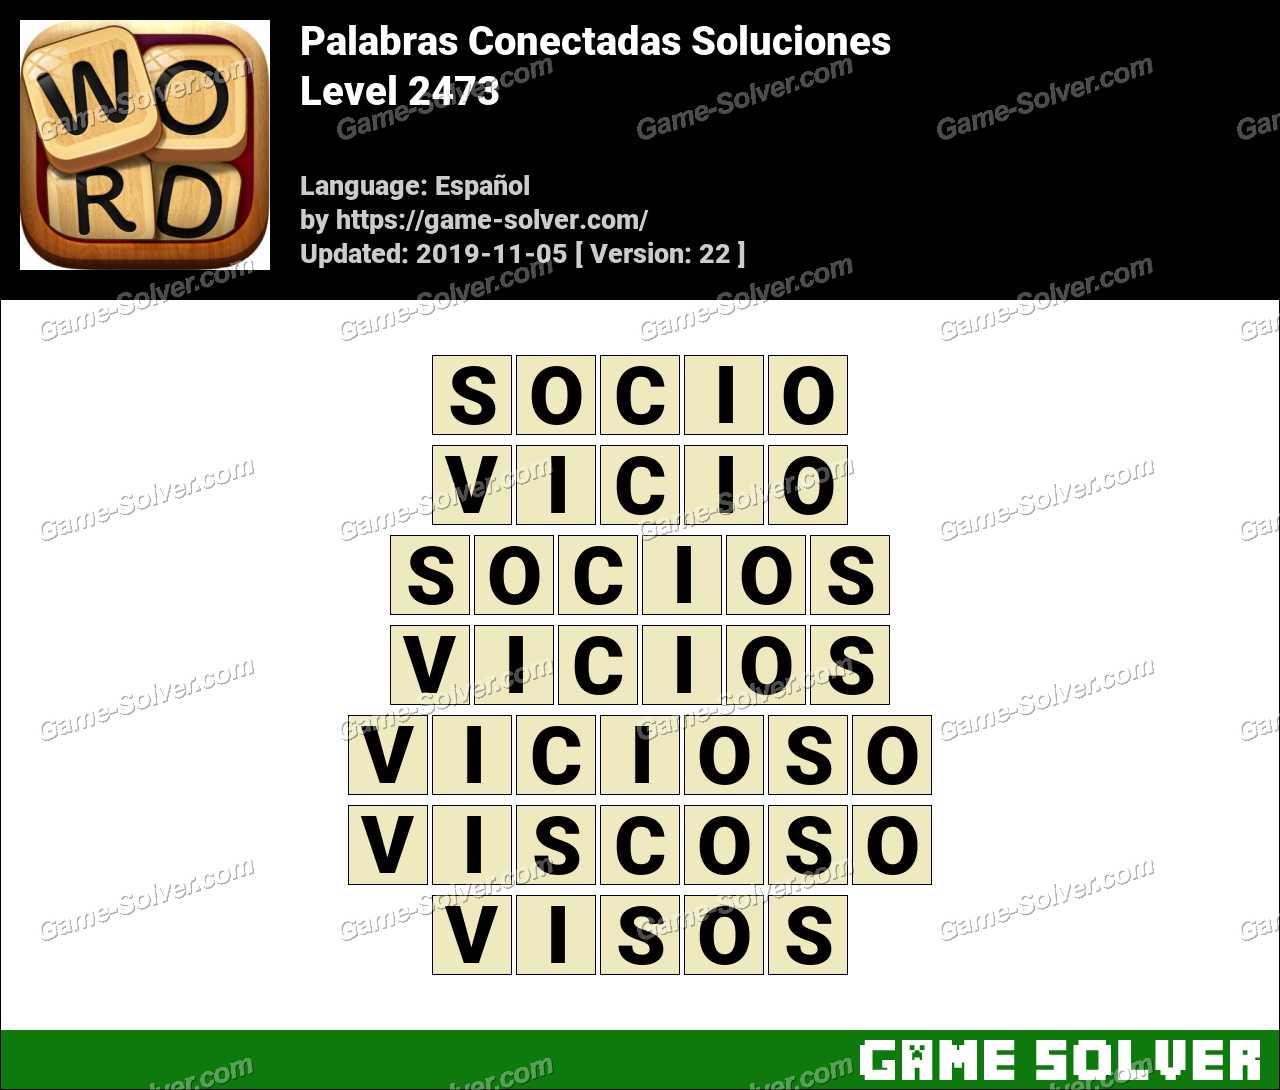 Palabras Conectadas Nivel 2473 Soluciones